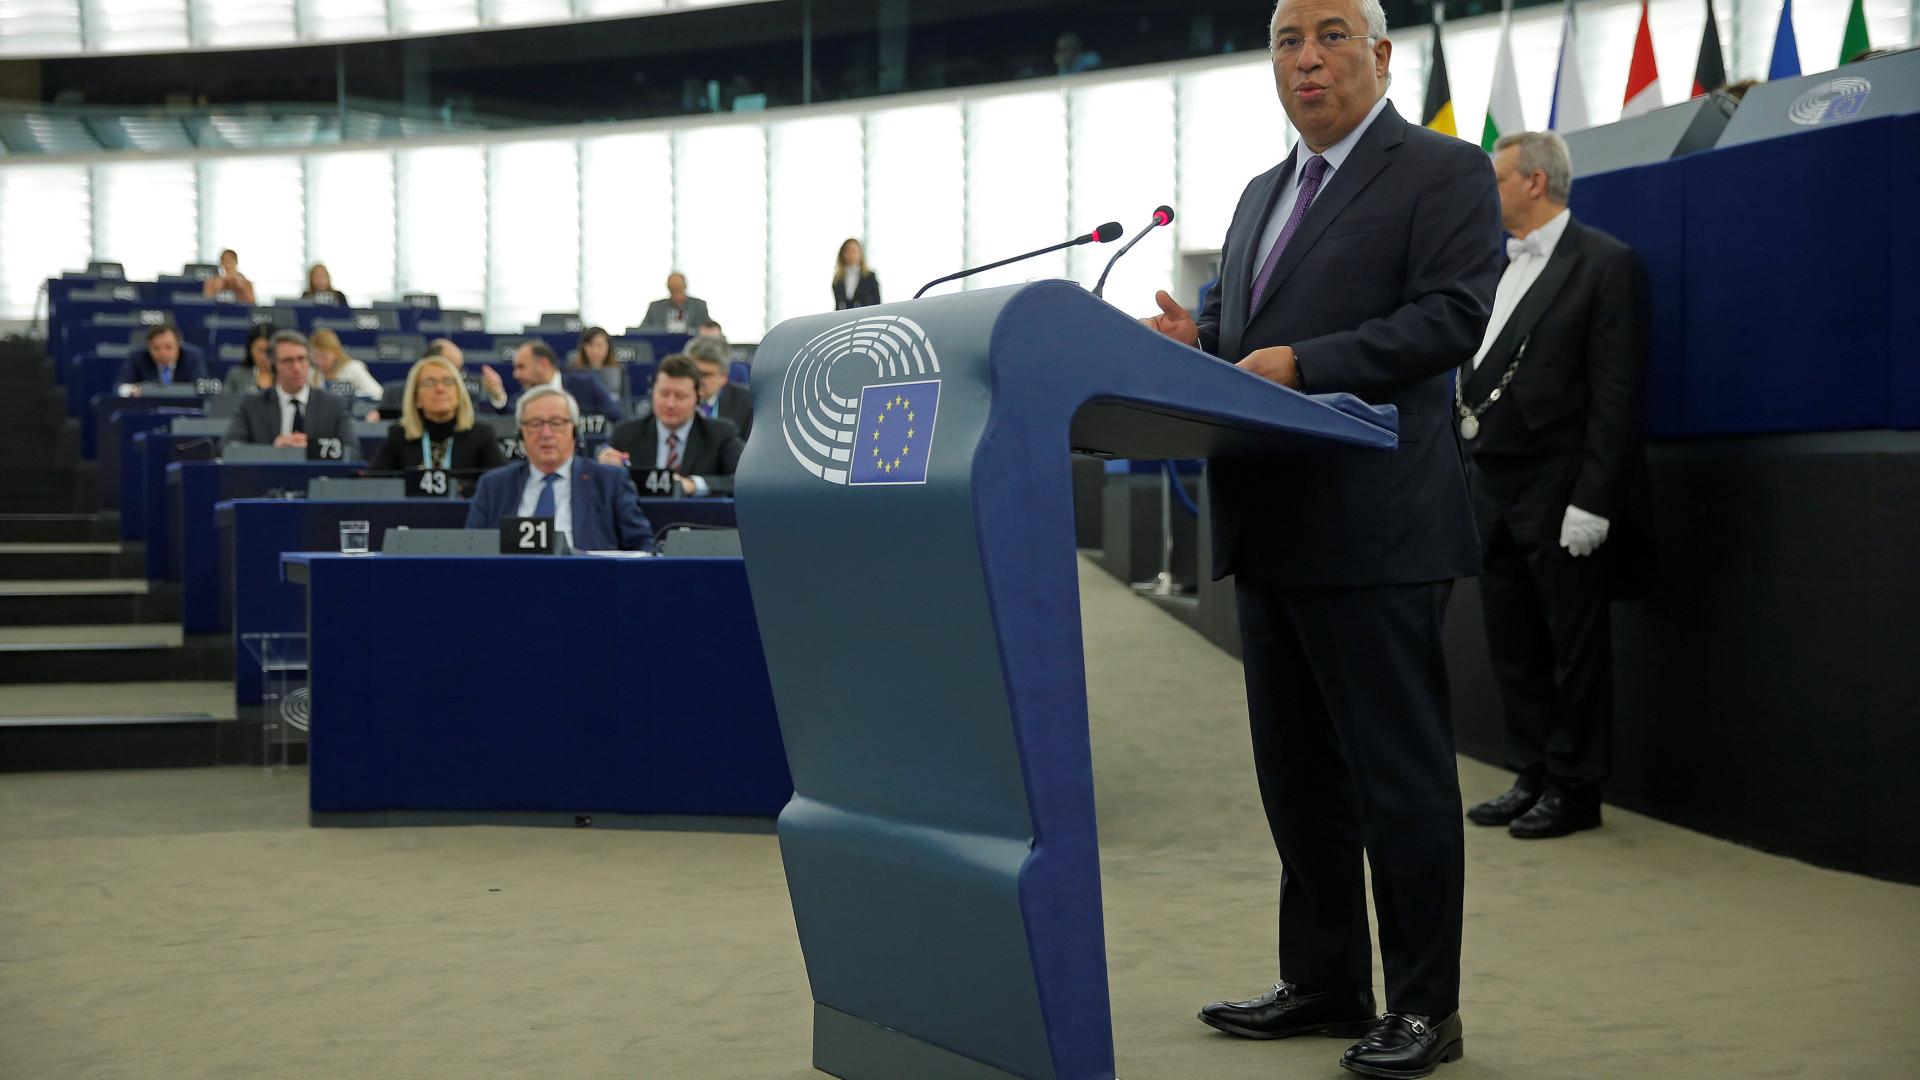 Costa lembra origem indiana para defender a tolerância na UE